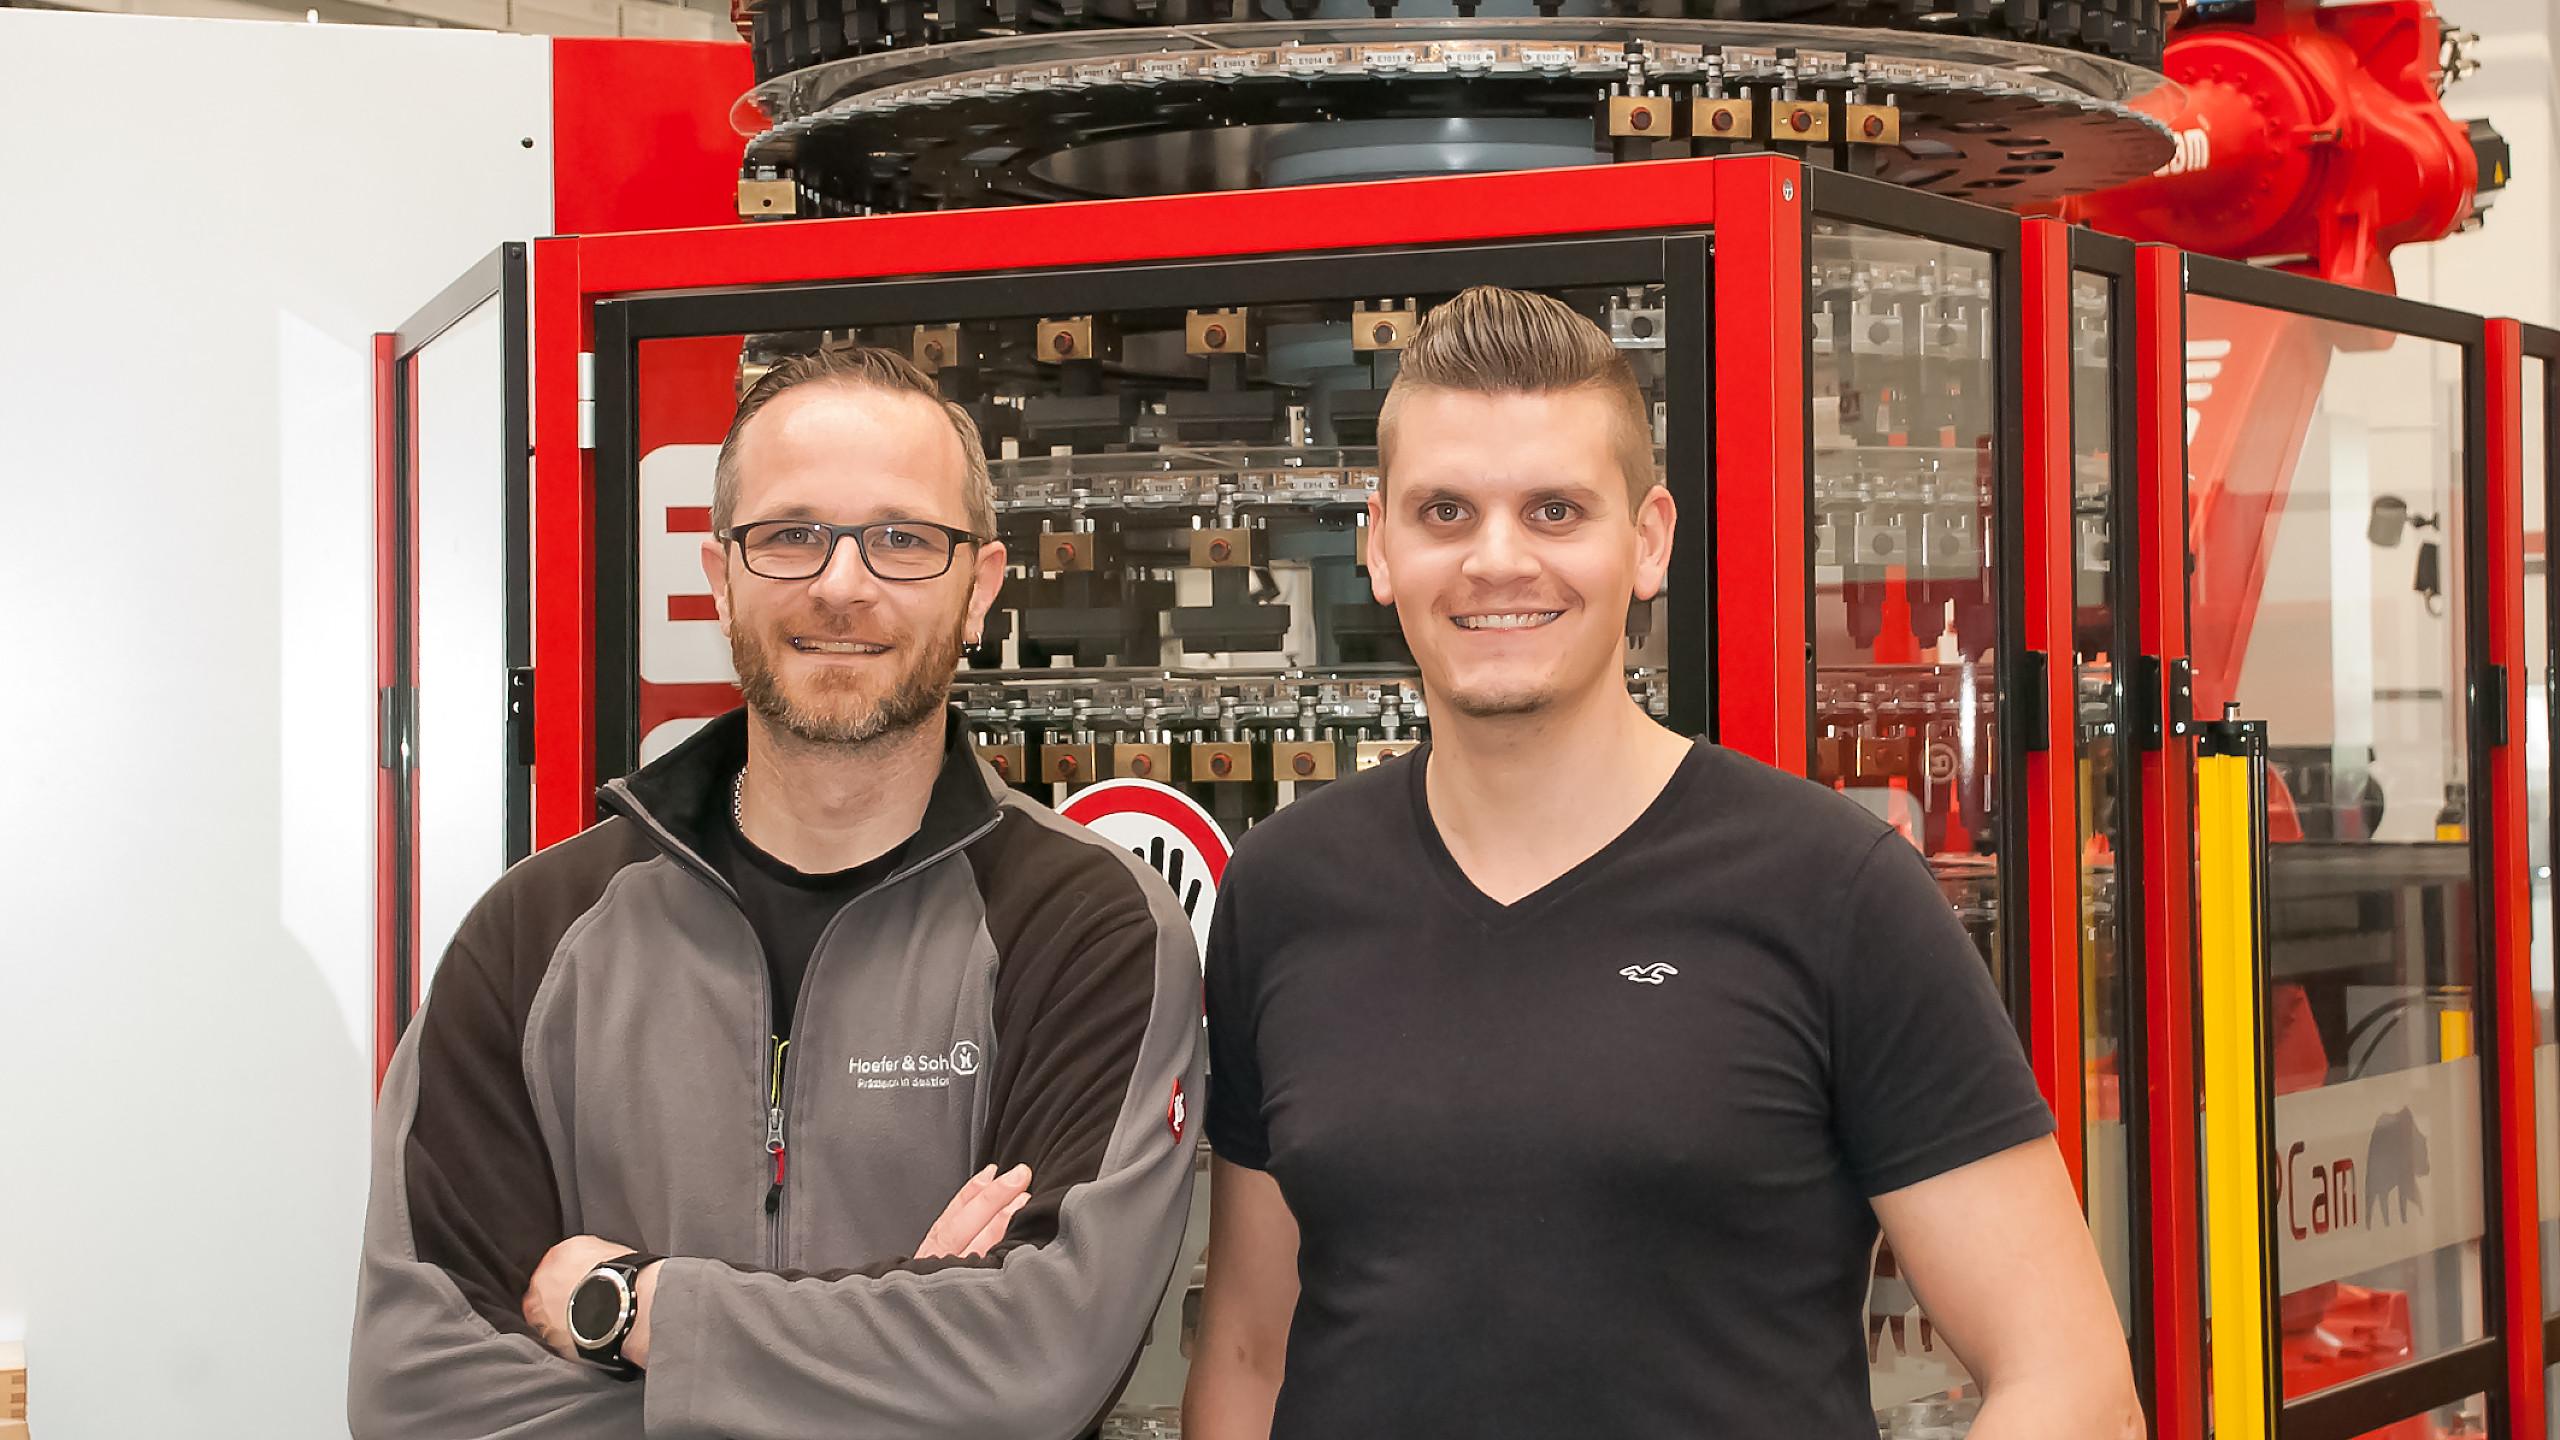 Hoefer & Sohn